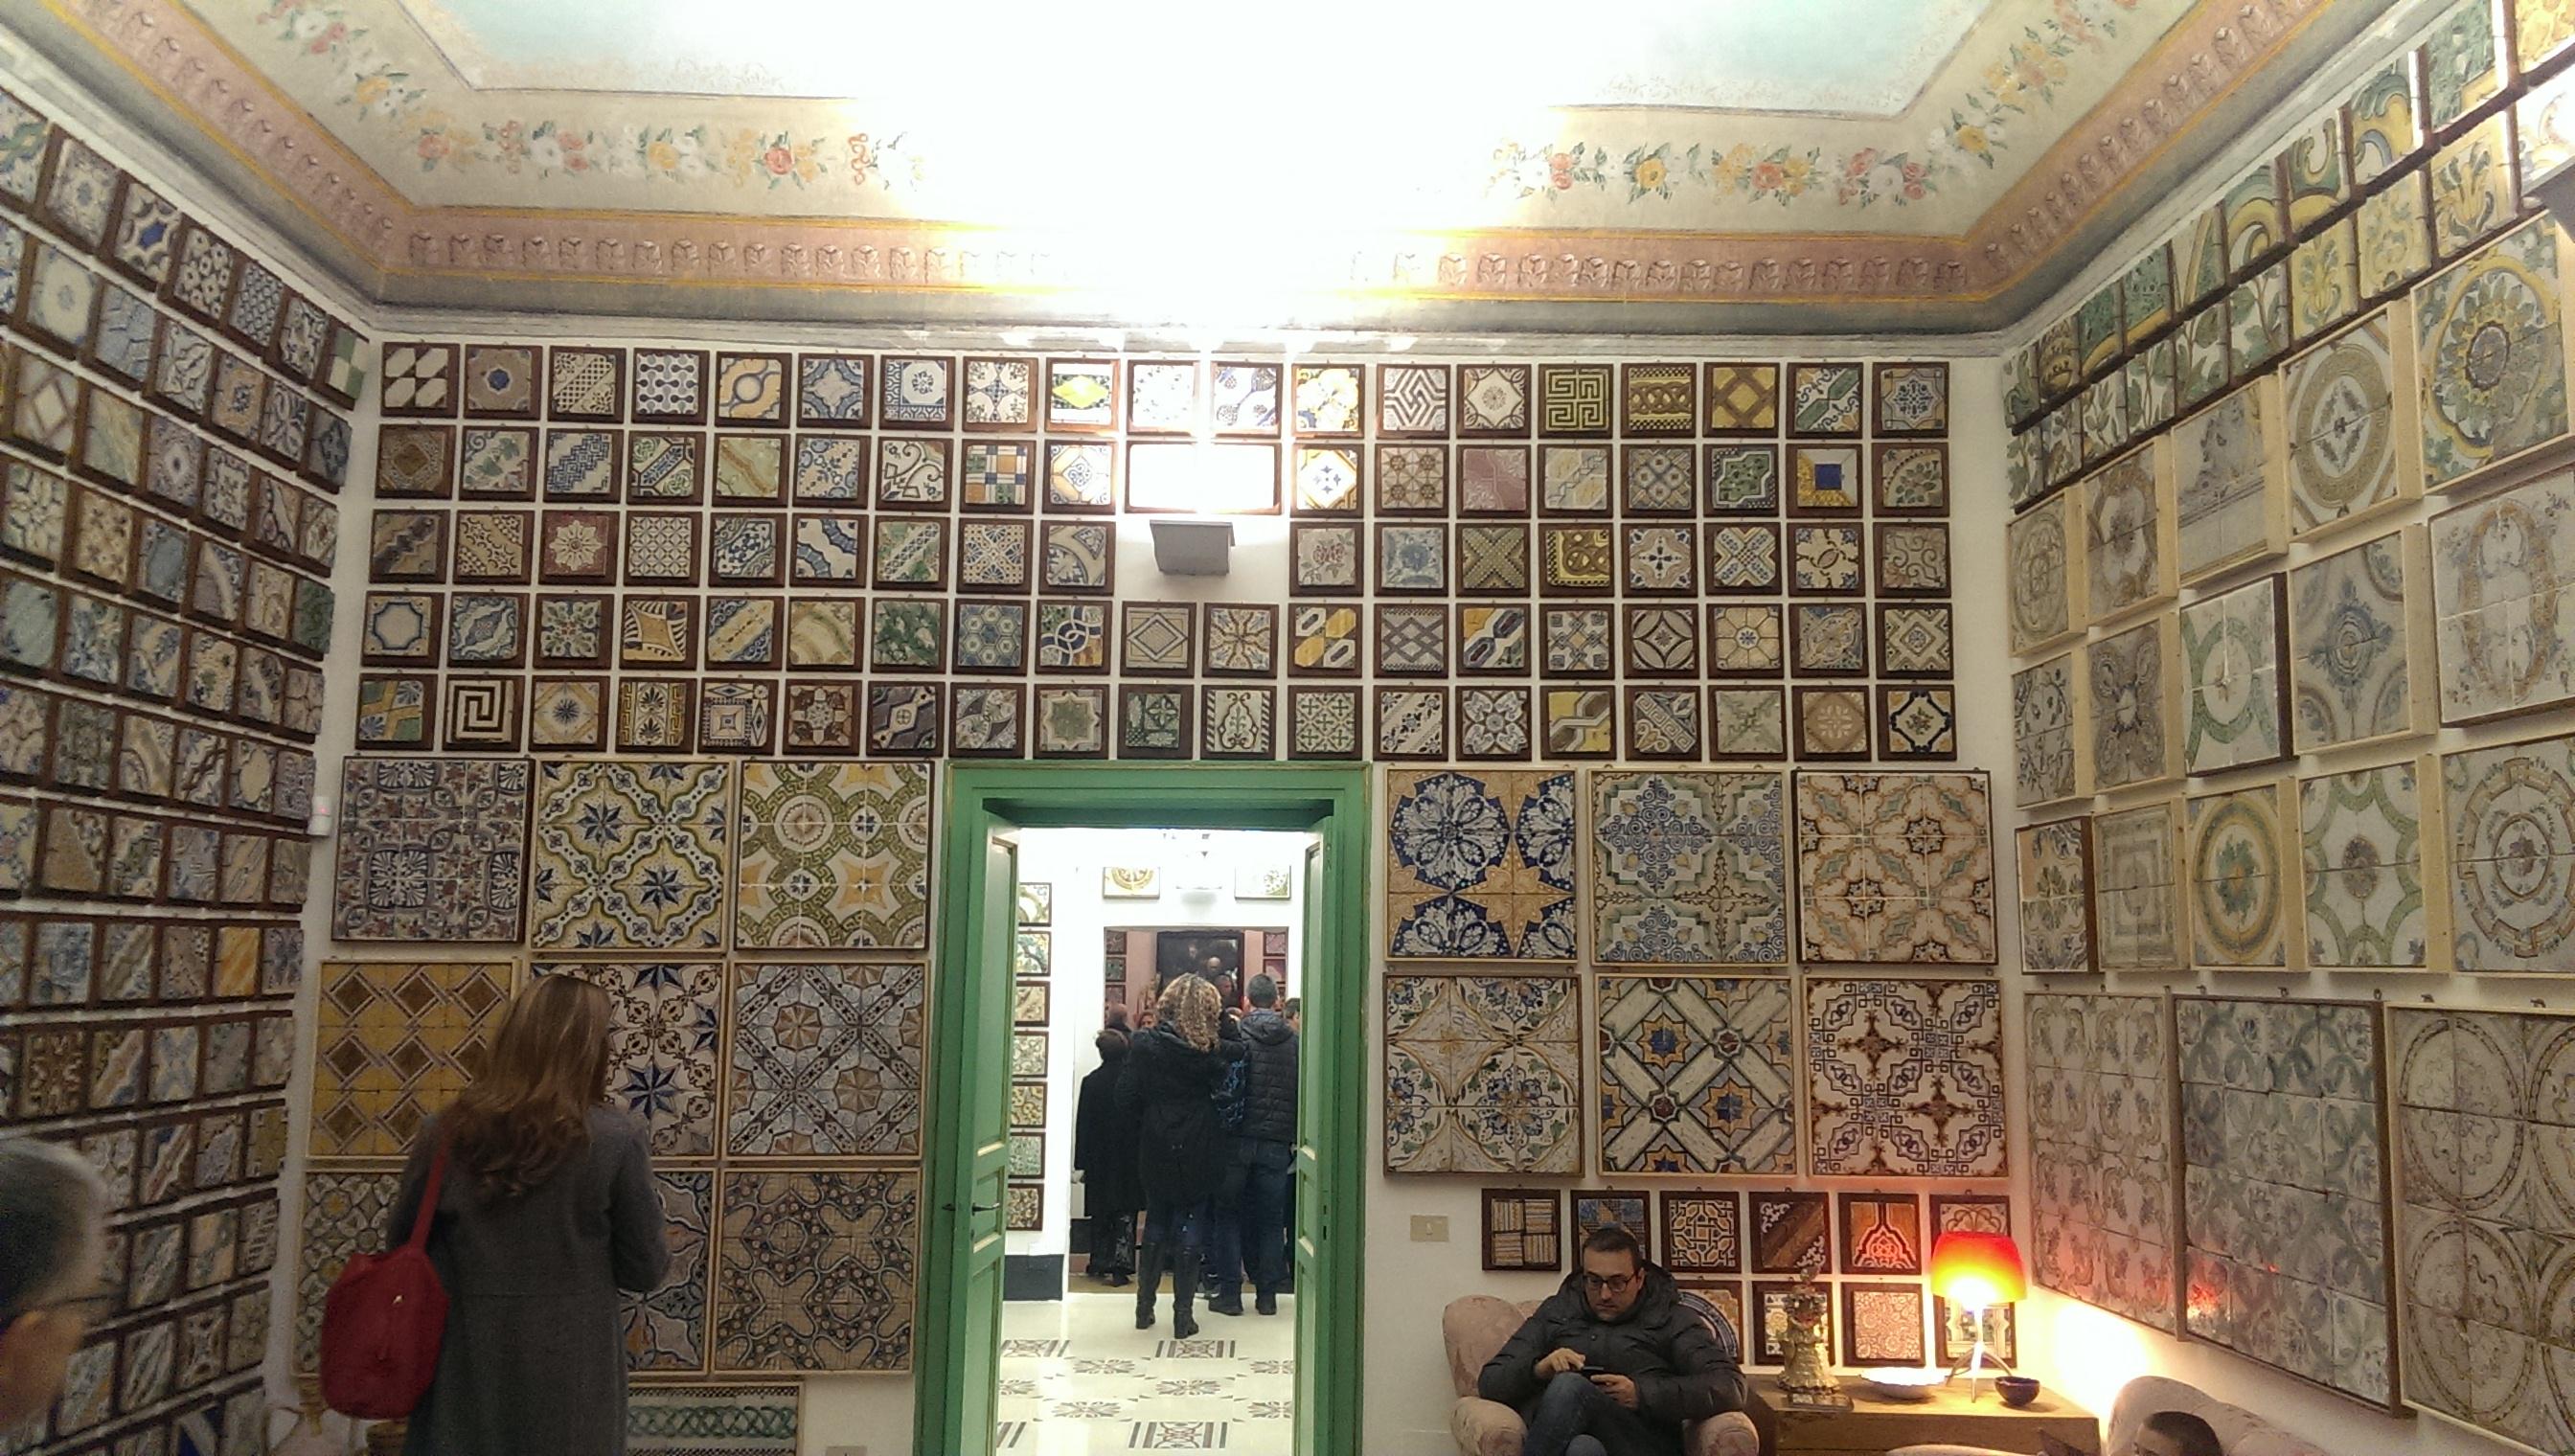 La casa museo u201cstanze al geniou201d di palermo raddoppia u2013 mobilita palermo